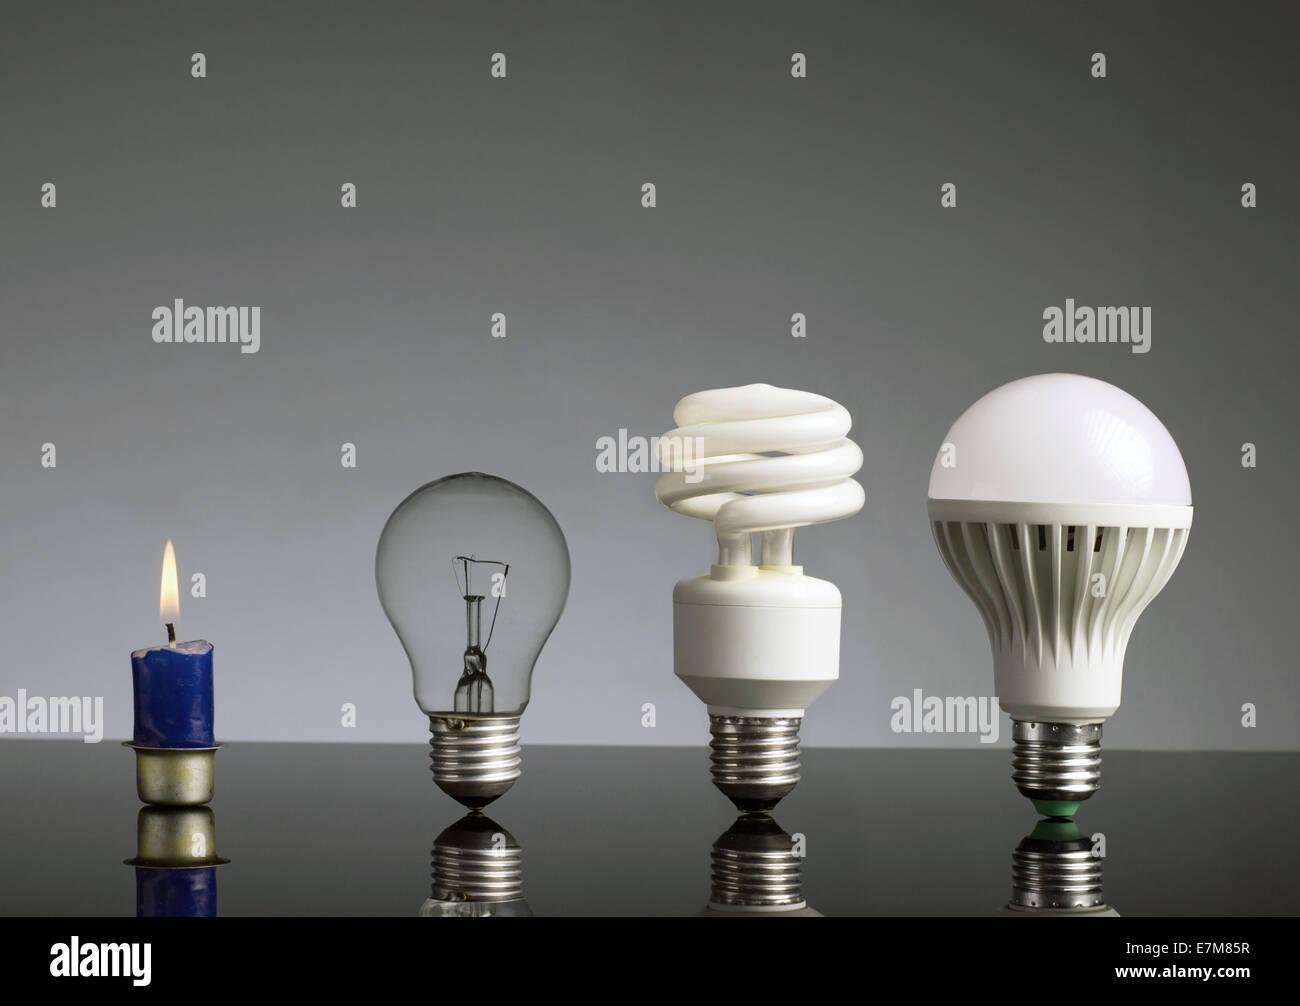 Il concetto di evoluzione, Candela, lampadina al tungsteno,lampadina fluorescente e lampadina a LED Immagini Stock